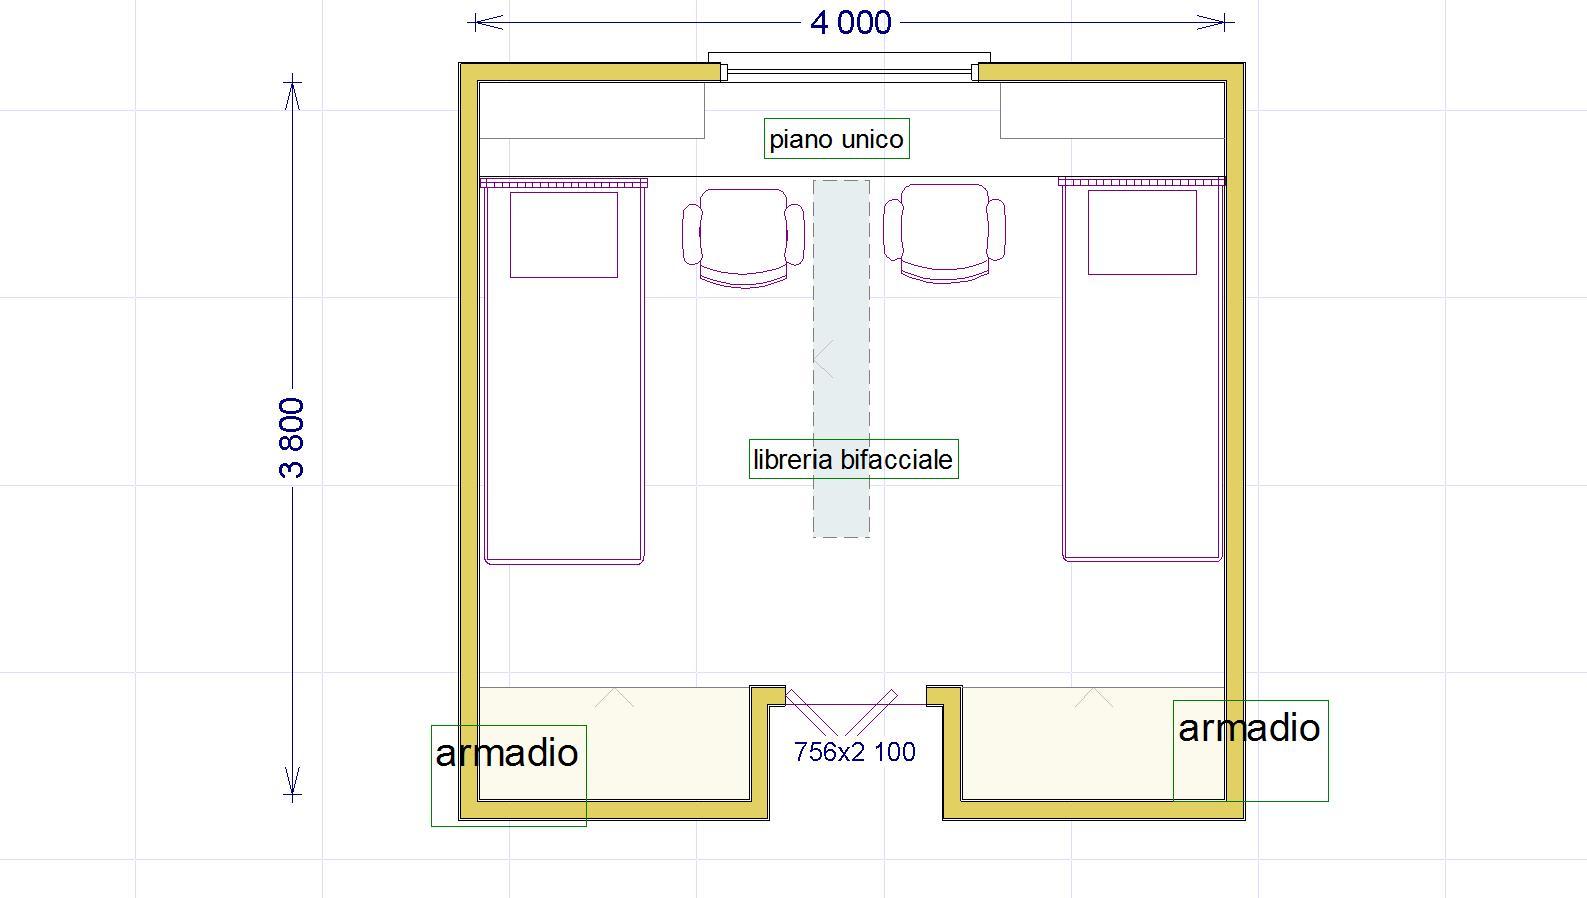 Dimensioni Finestre Camera Da Letto una cameretta per due con diritto di privacy - lineatre